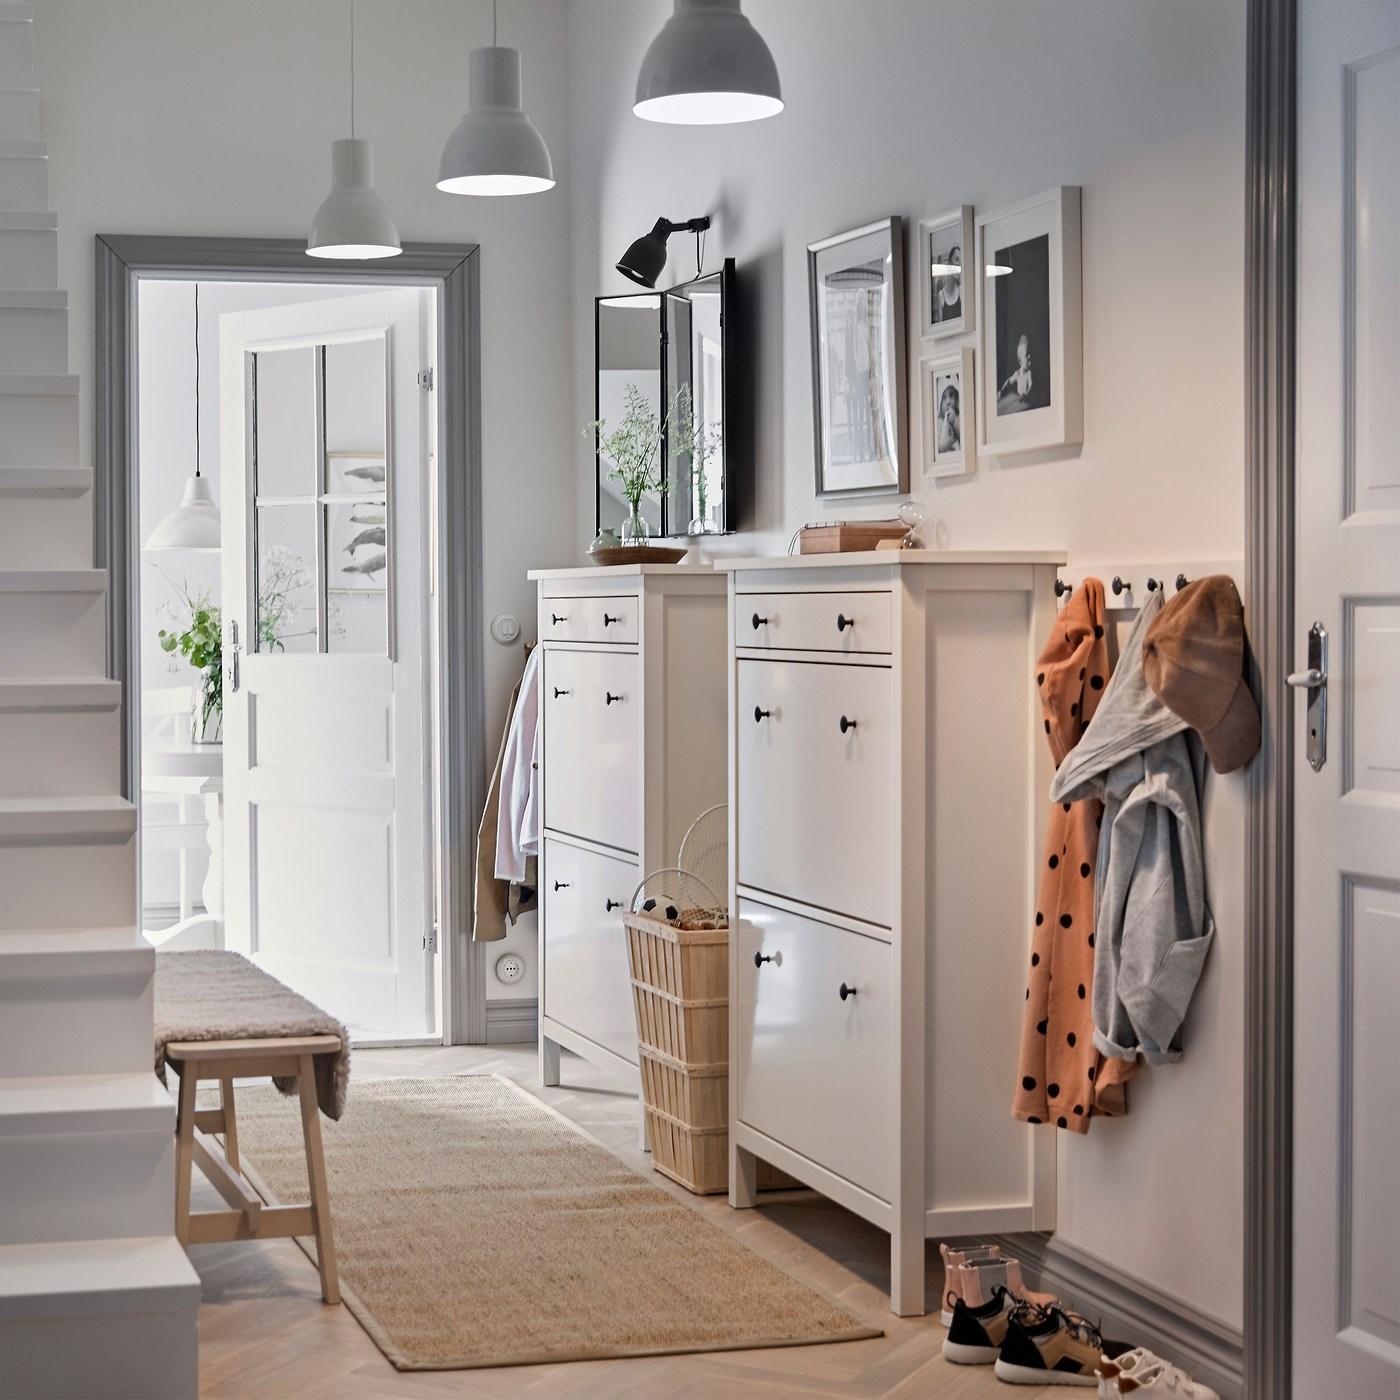 Ideen Für Flur.Flur Inspirationen Für Dein Zuhause Ikea